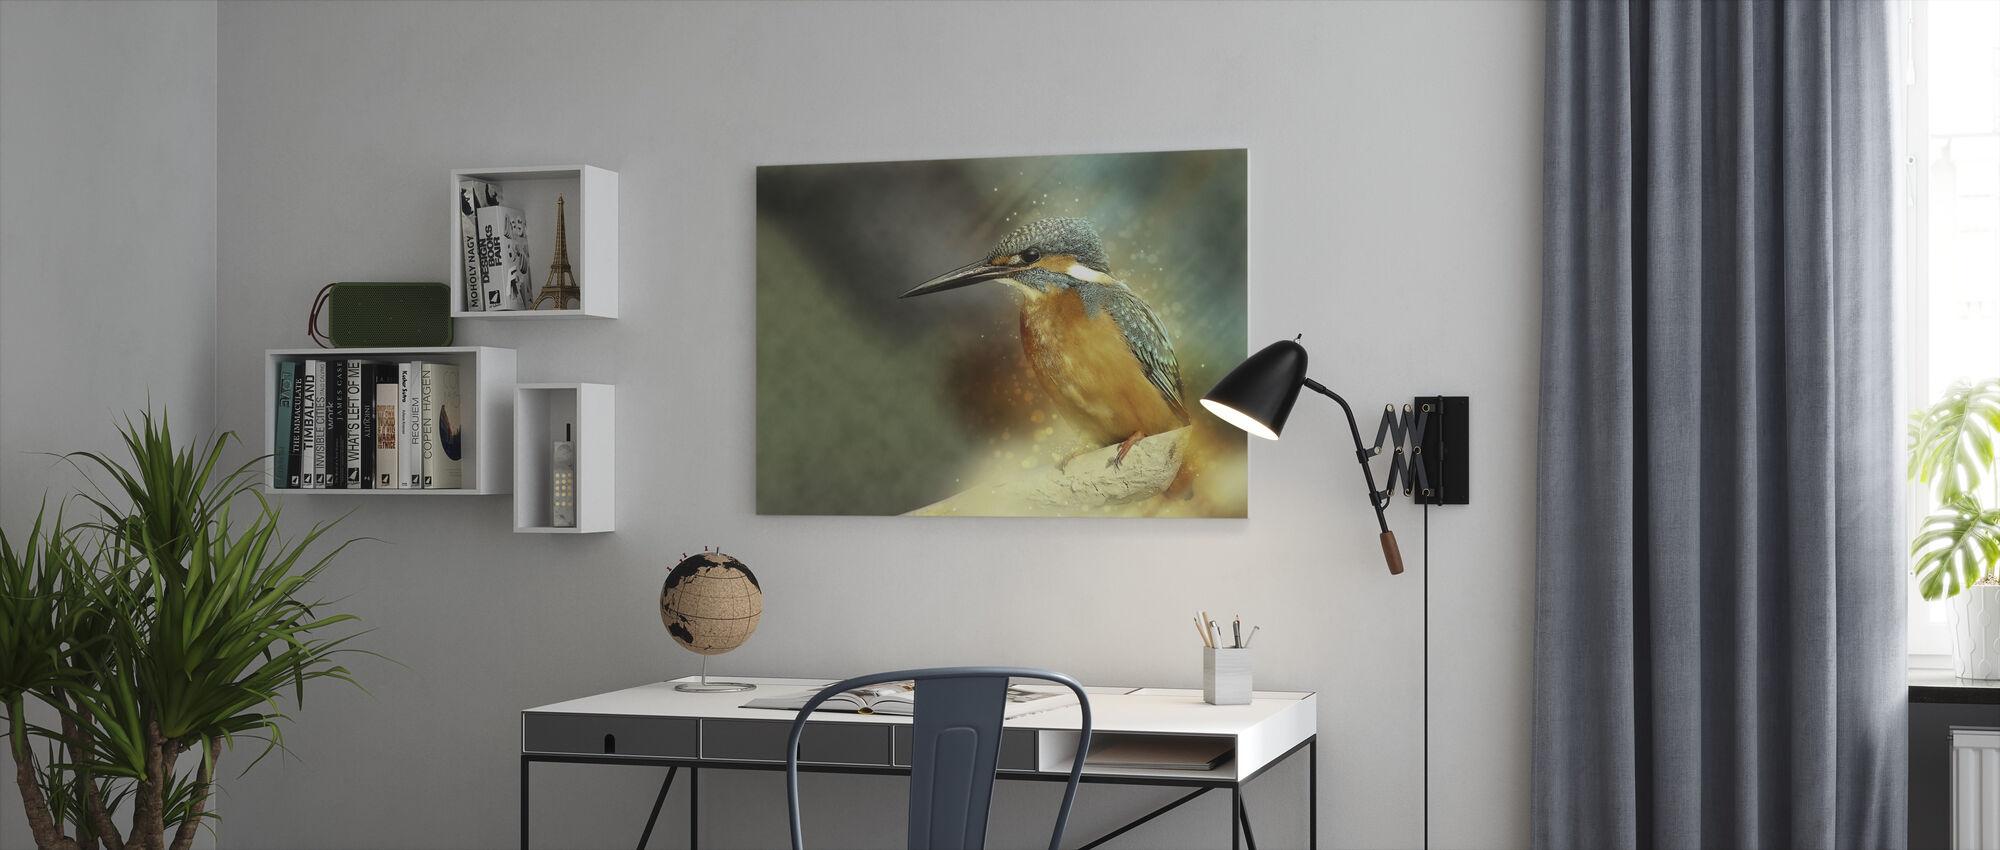 Perched Kingfisher - Billede på lærred - Kontor